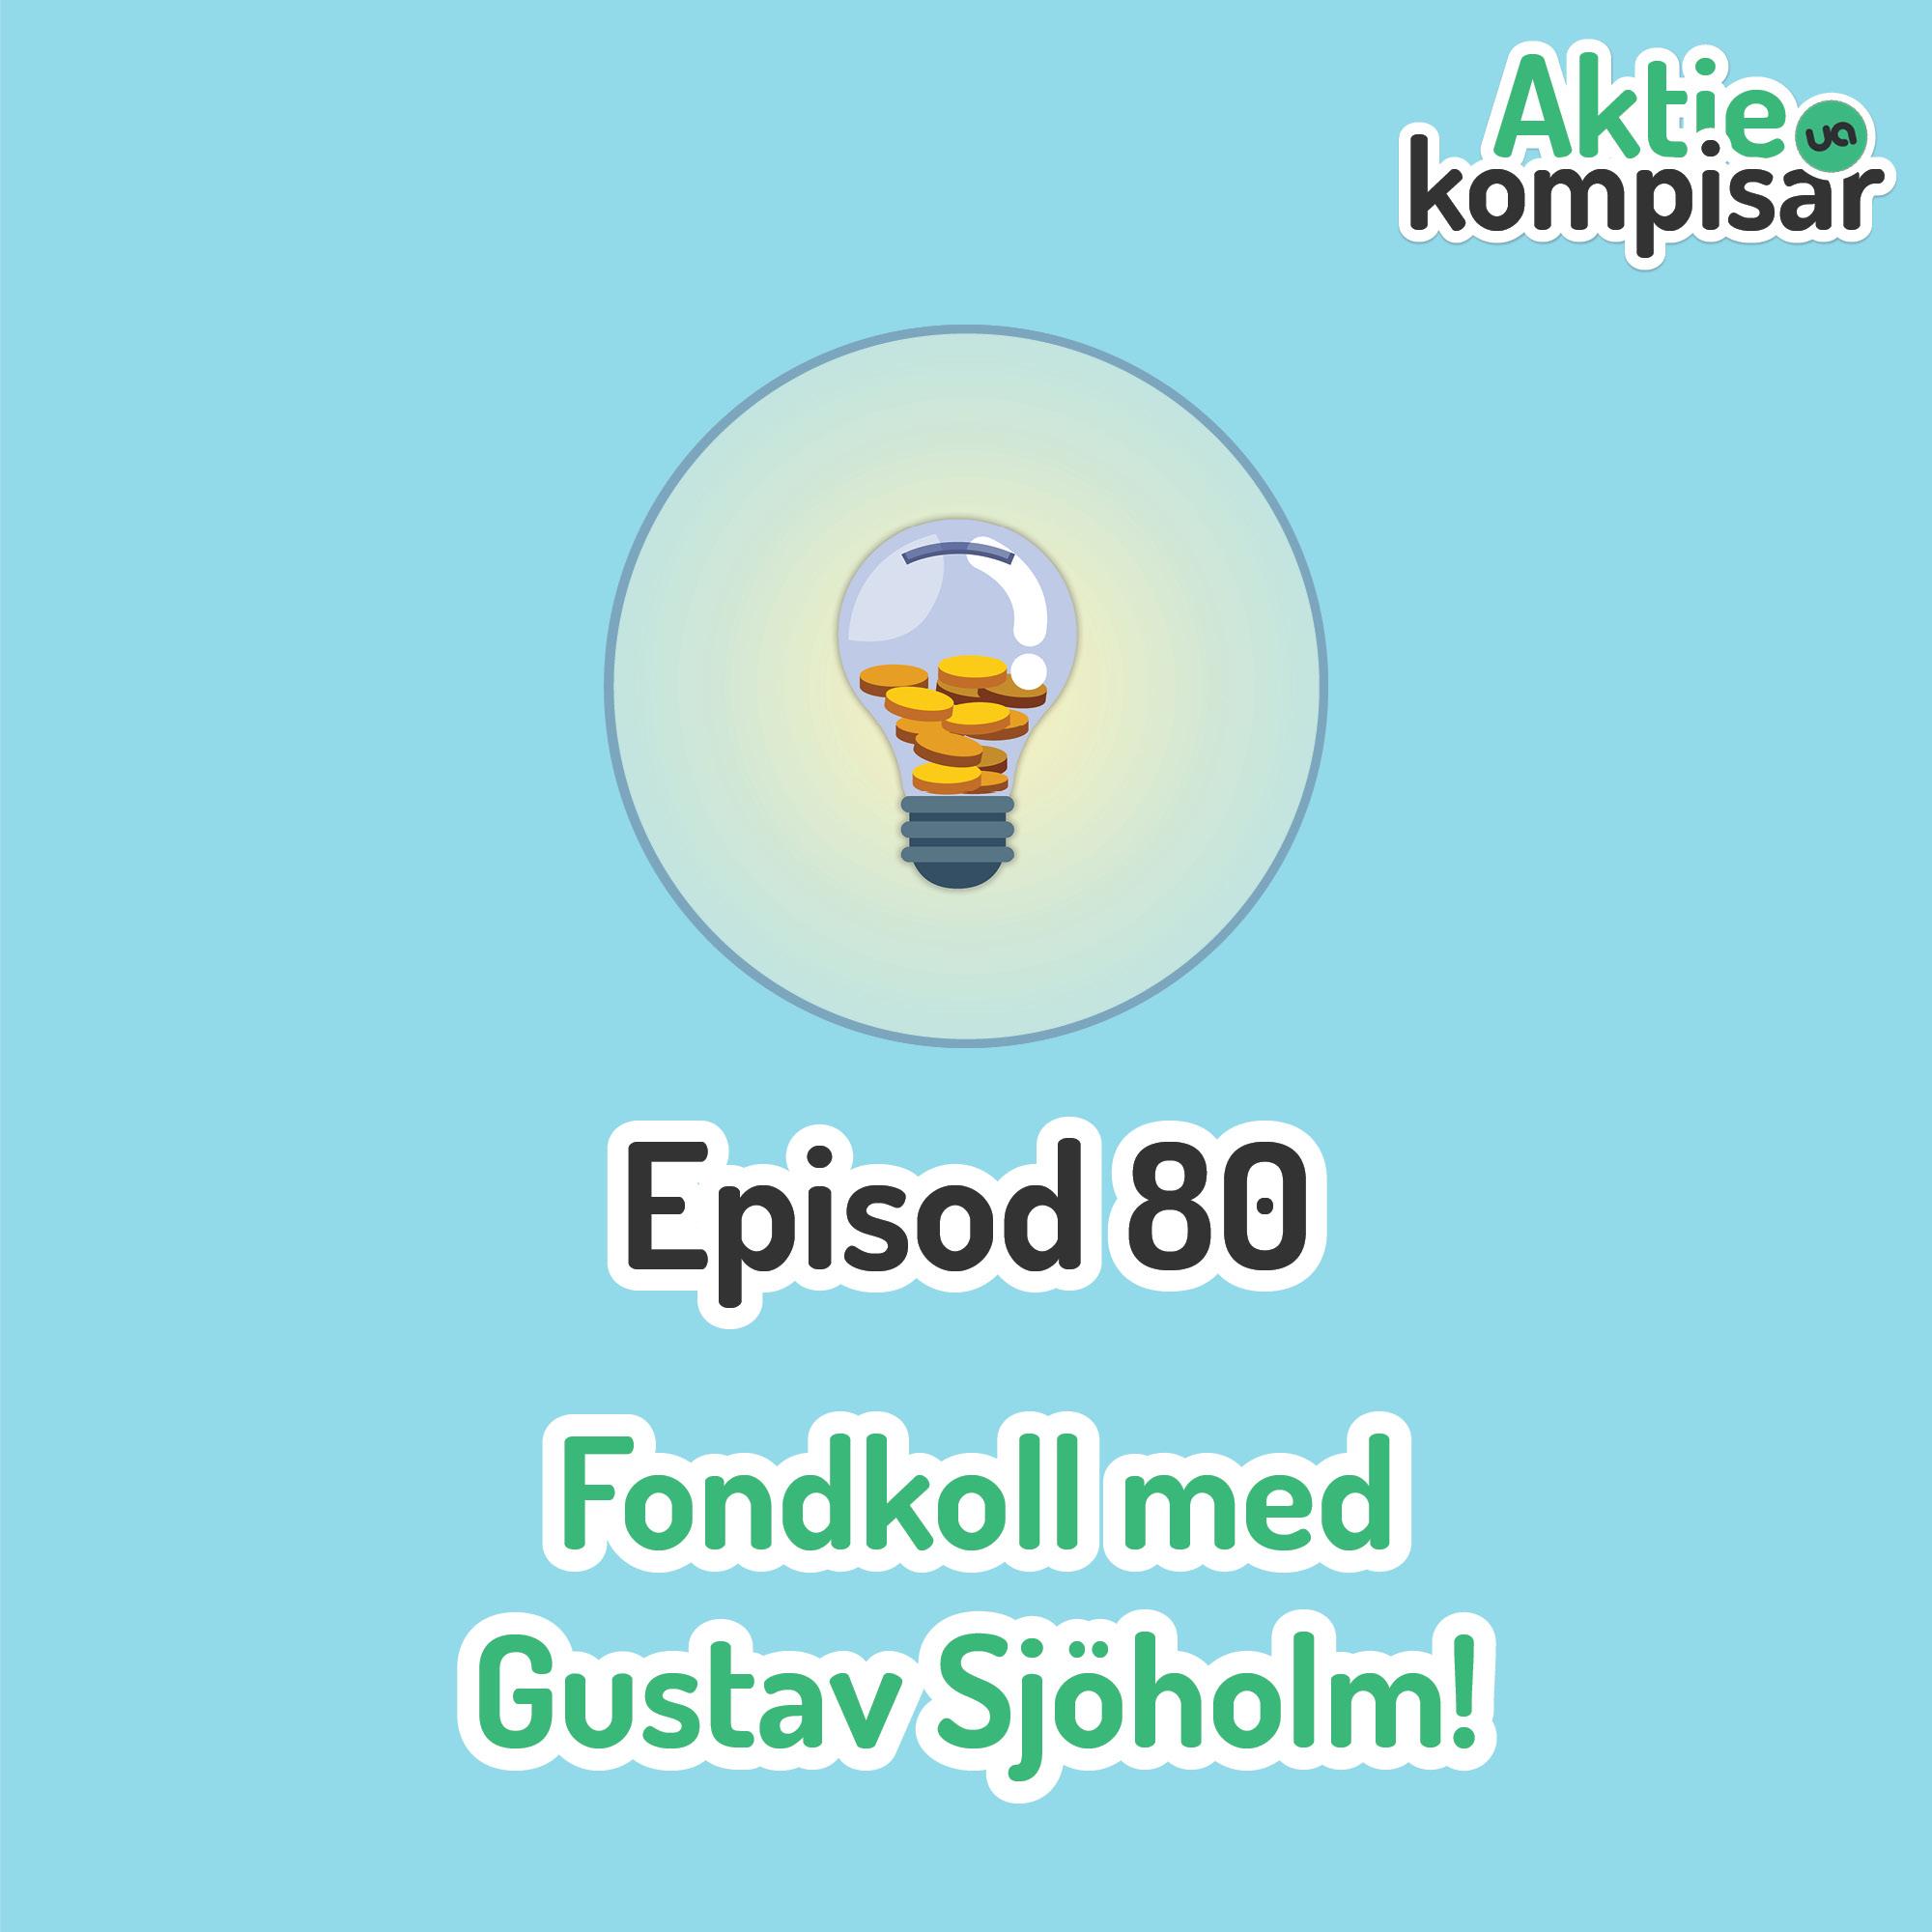 Episod 80 - Fondkoll med Gustav Sjöholm